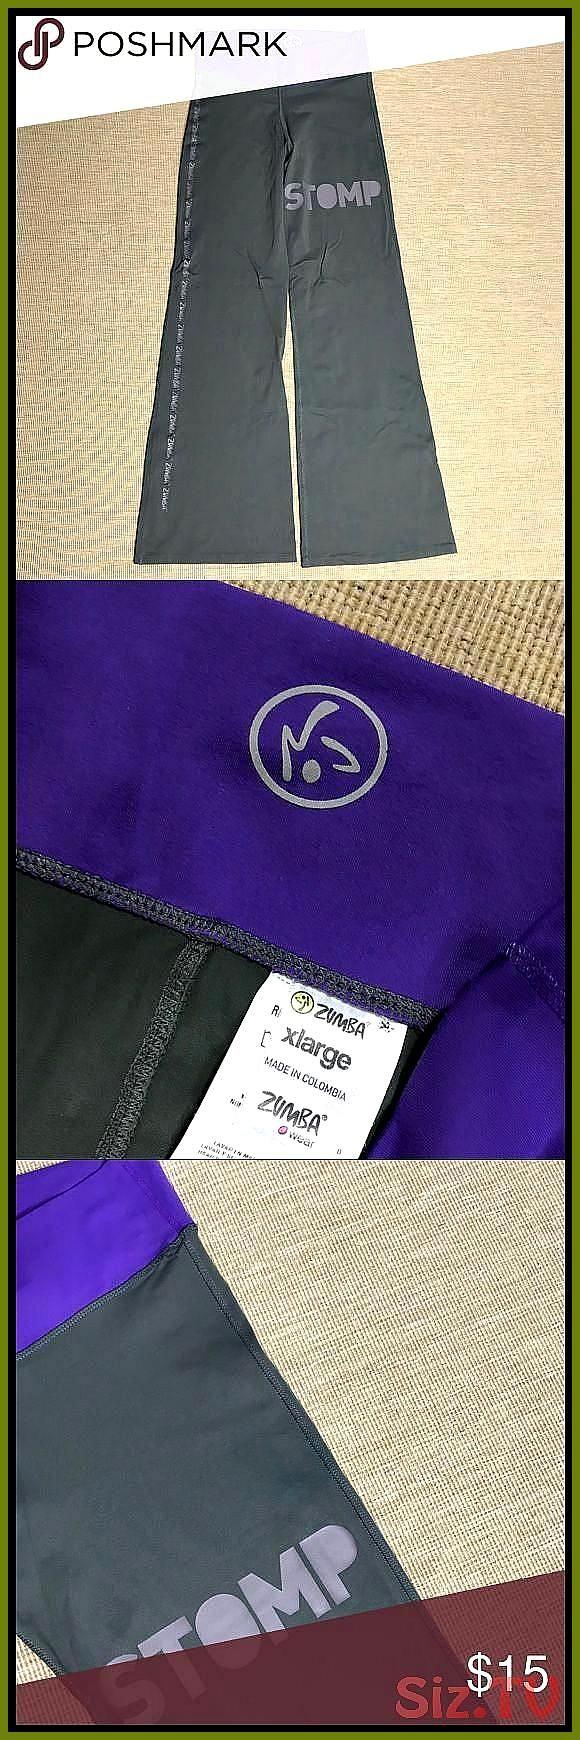 Women 39 s Zumba Yoga Pants Slate Grey Purple Logo XL Women 39 s Zumba Yoga Fitness Pants Slate Grey...